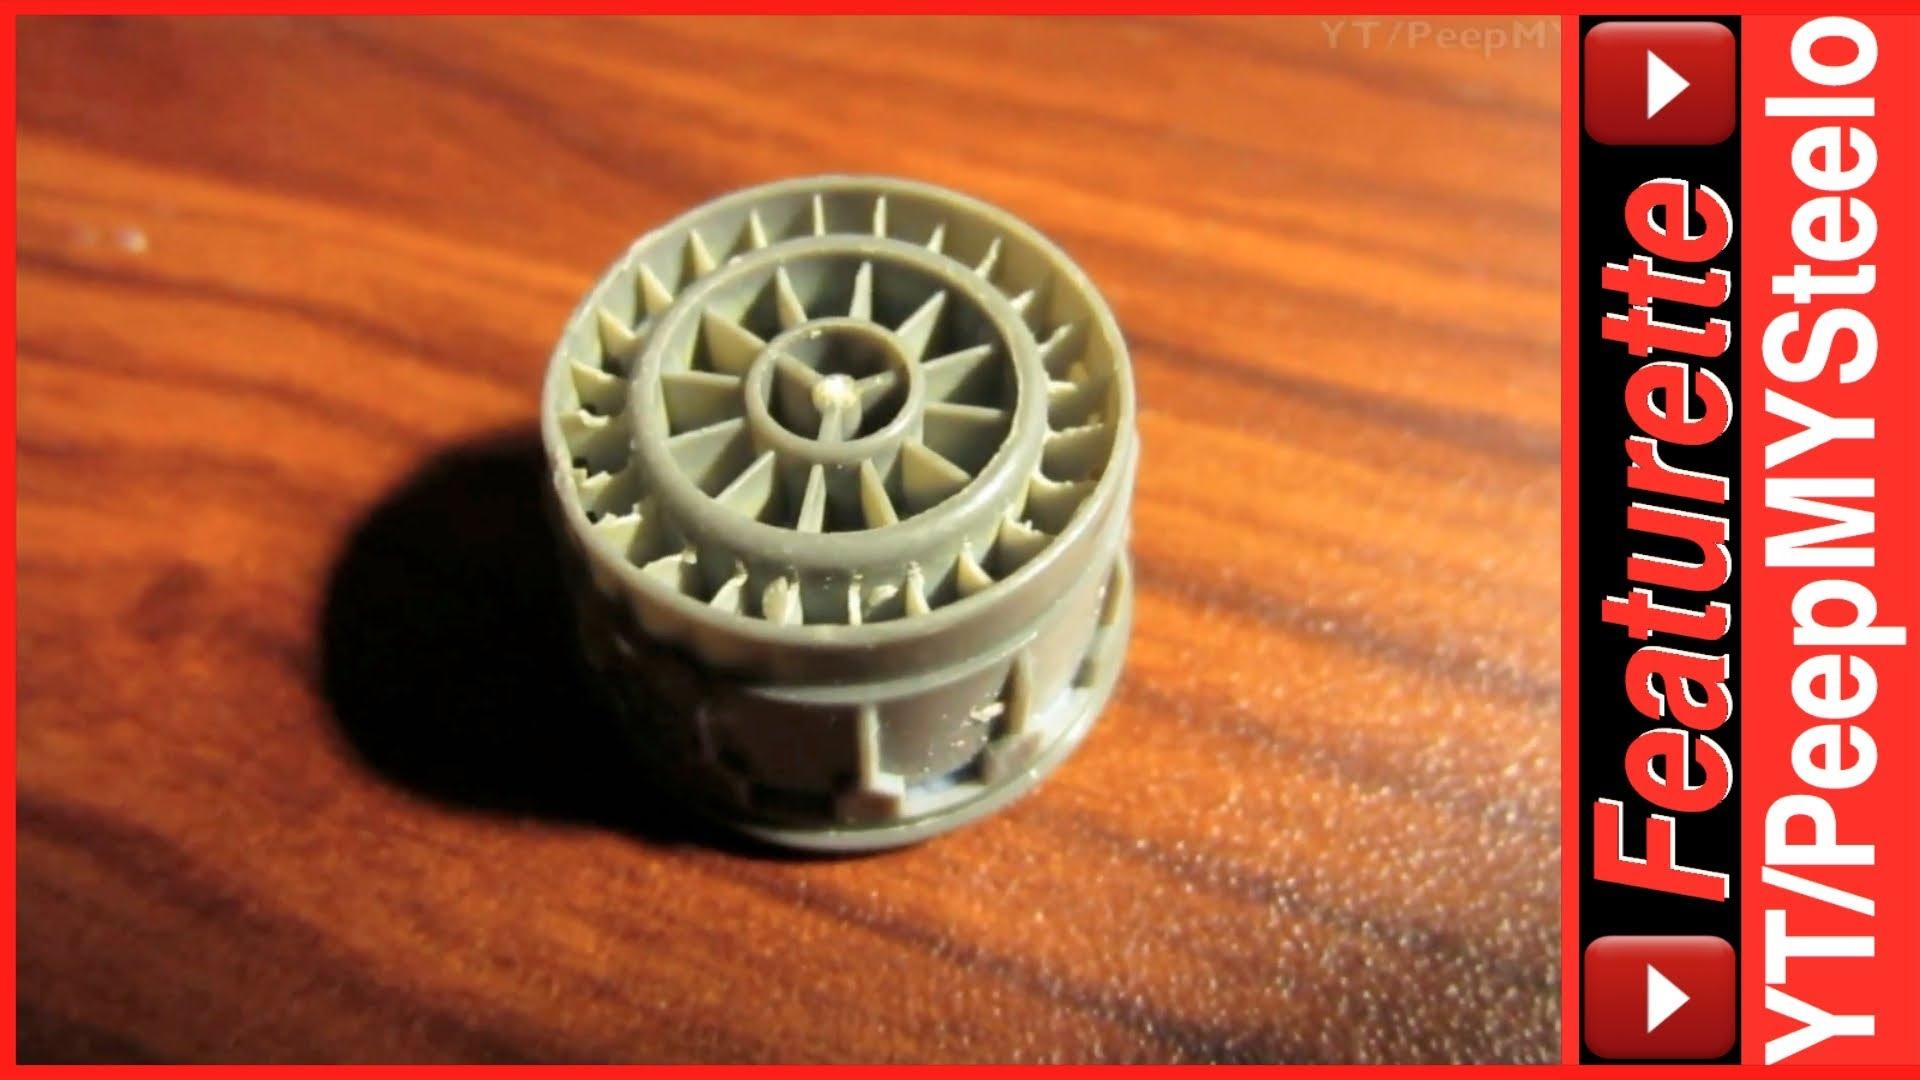 Moen Faucet Filter Cartridge